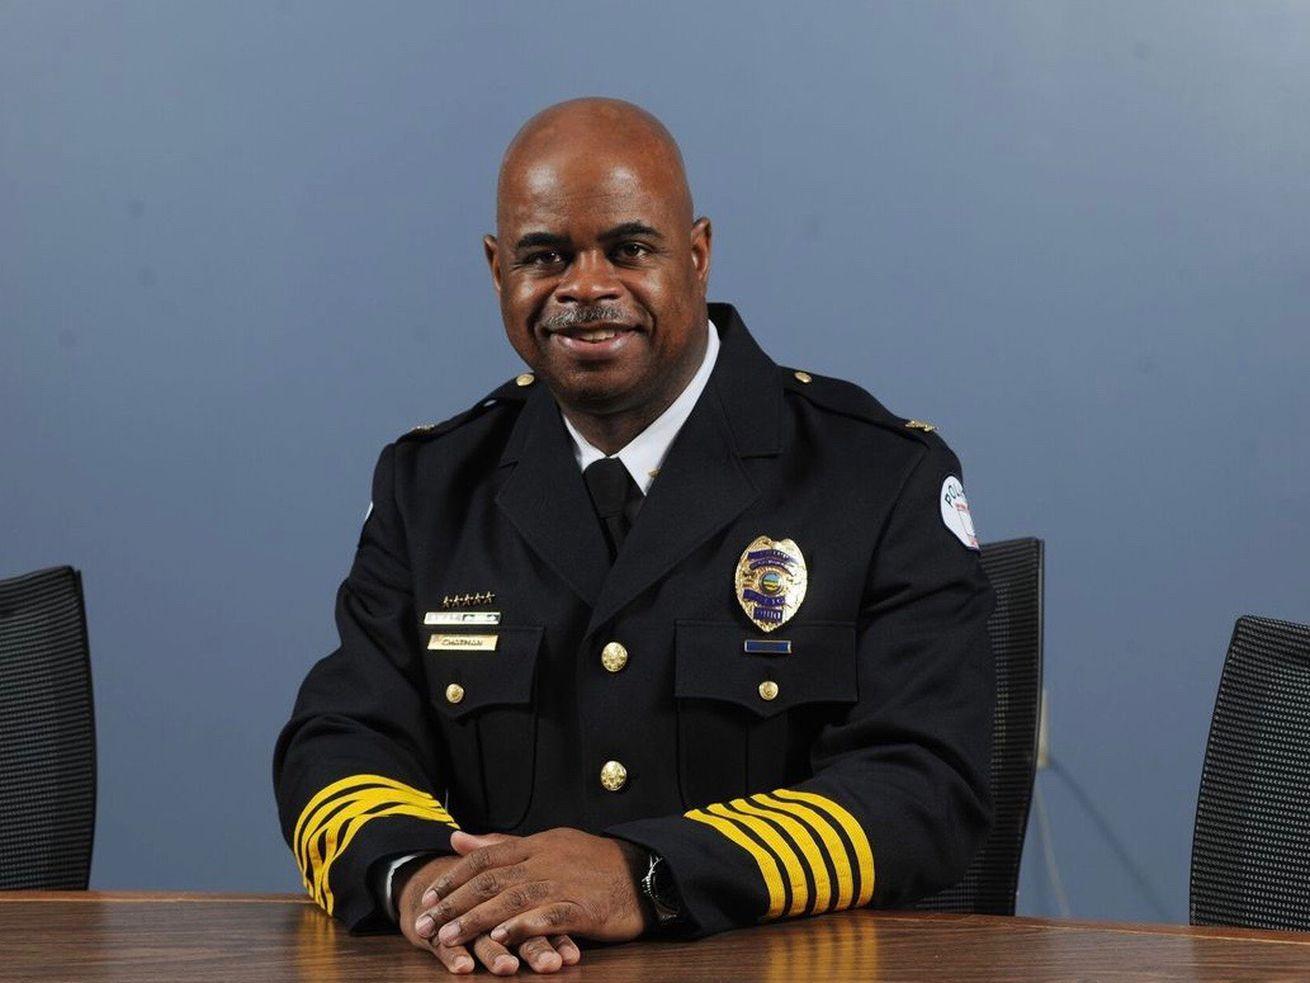 University of Utah Police Chief Rodney Chatman.